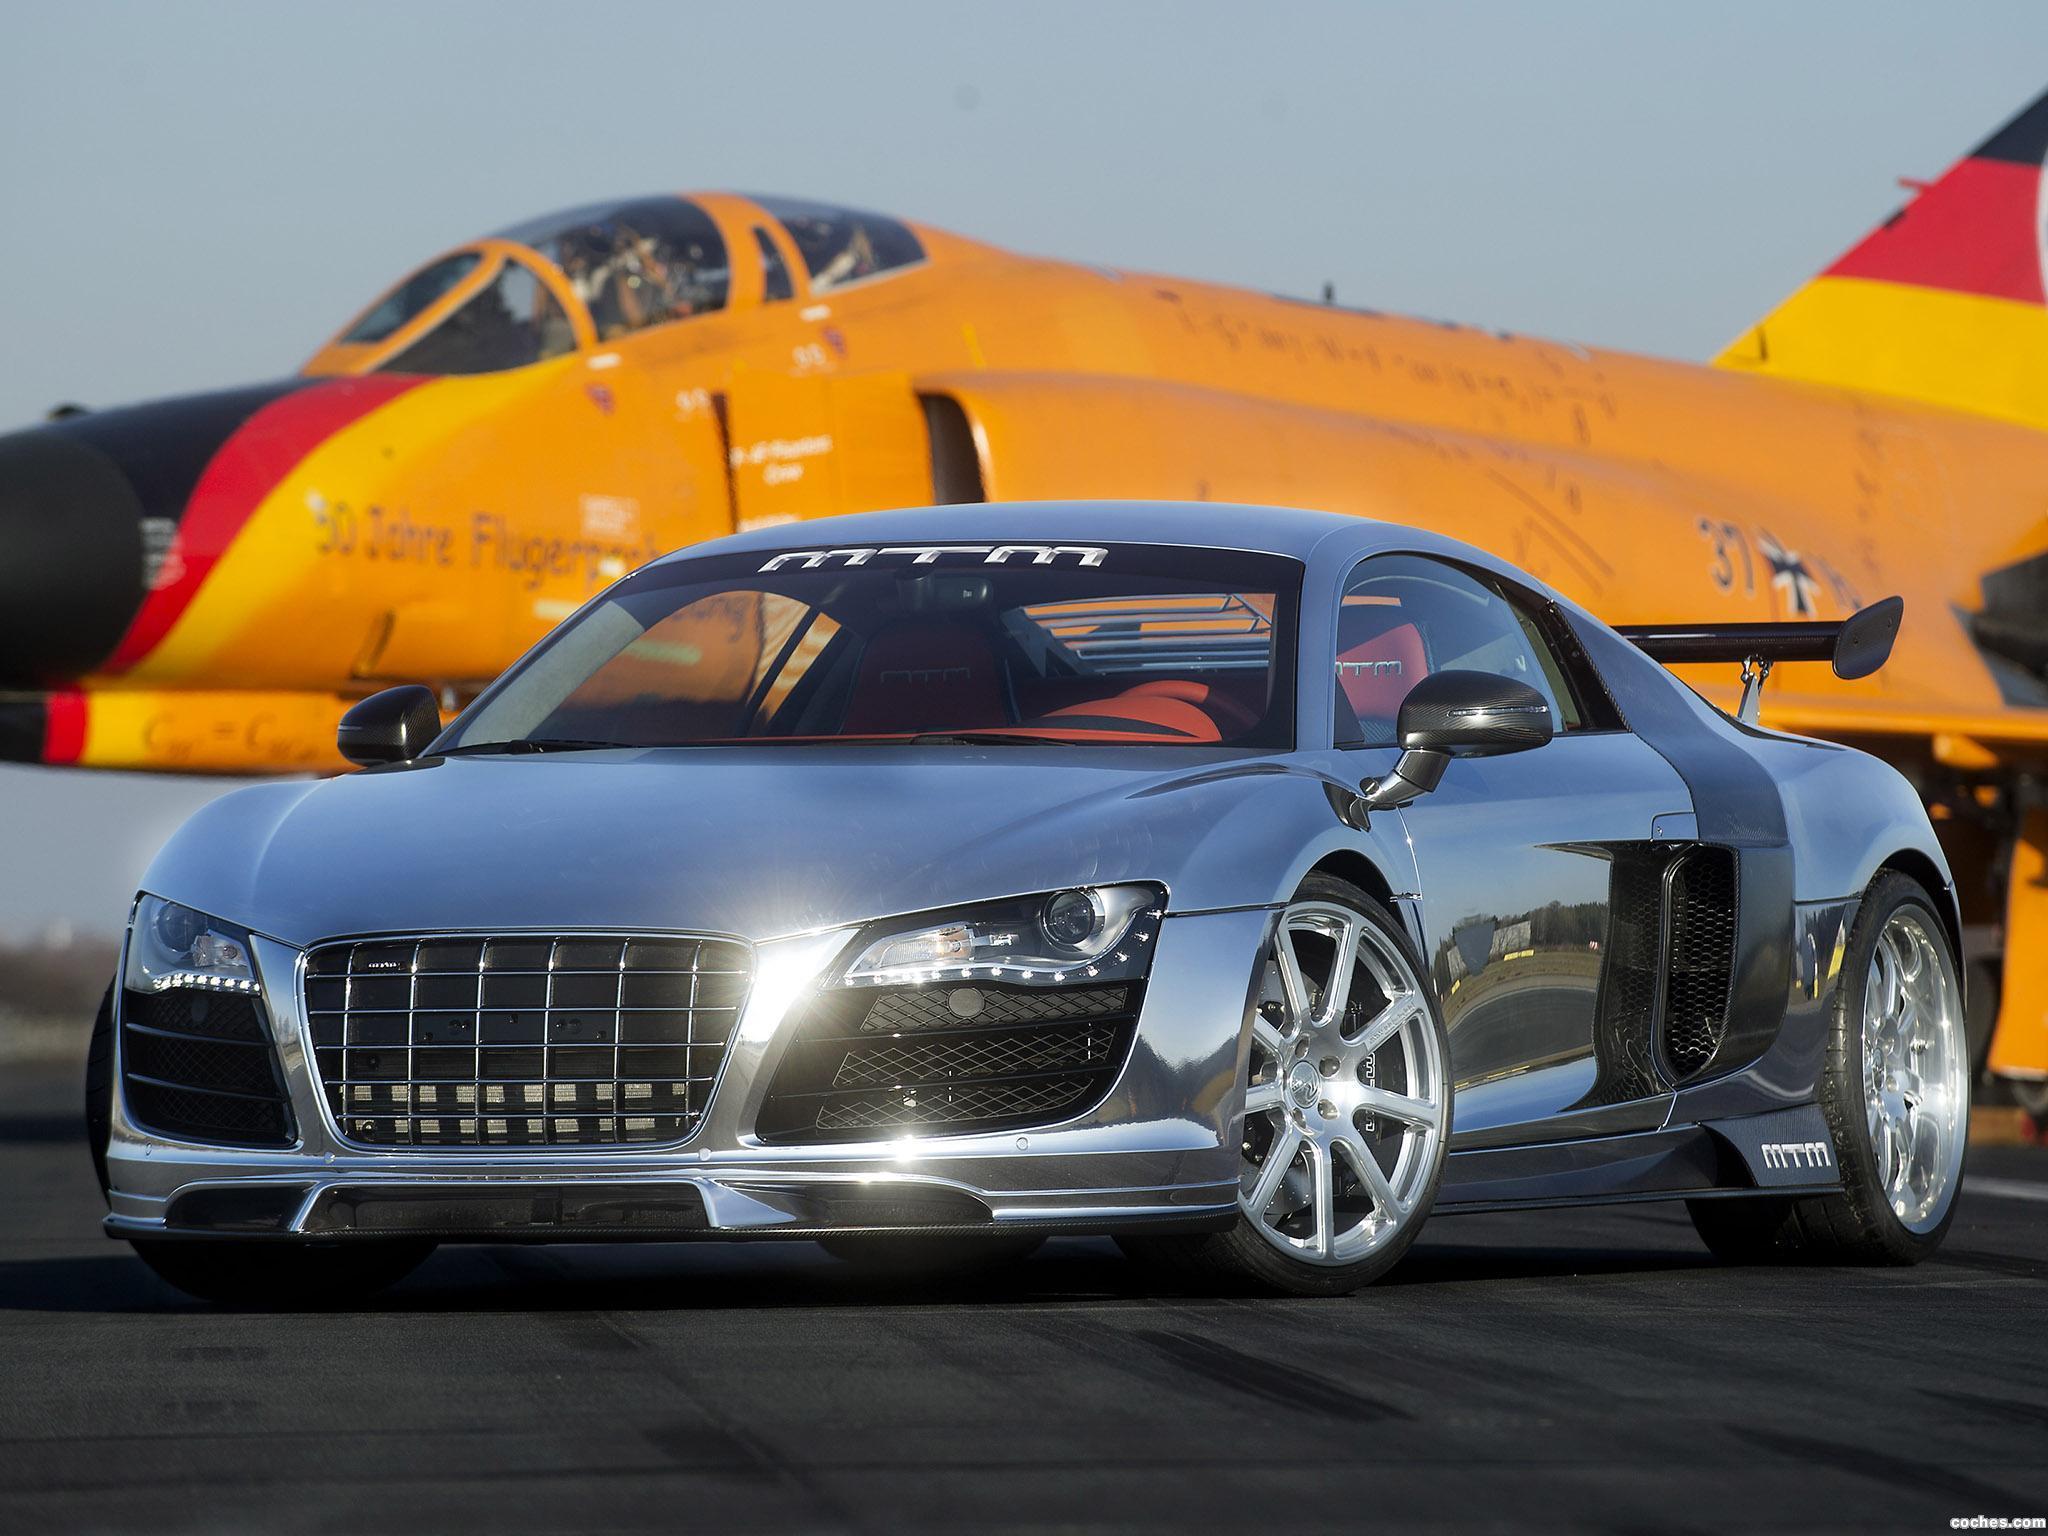 Foto 0 de Audi R8 V10 Biturbo 2011 mtm